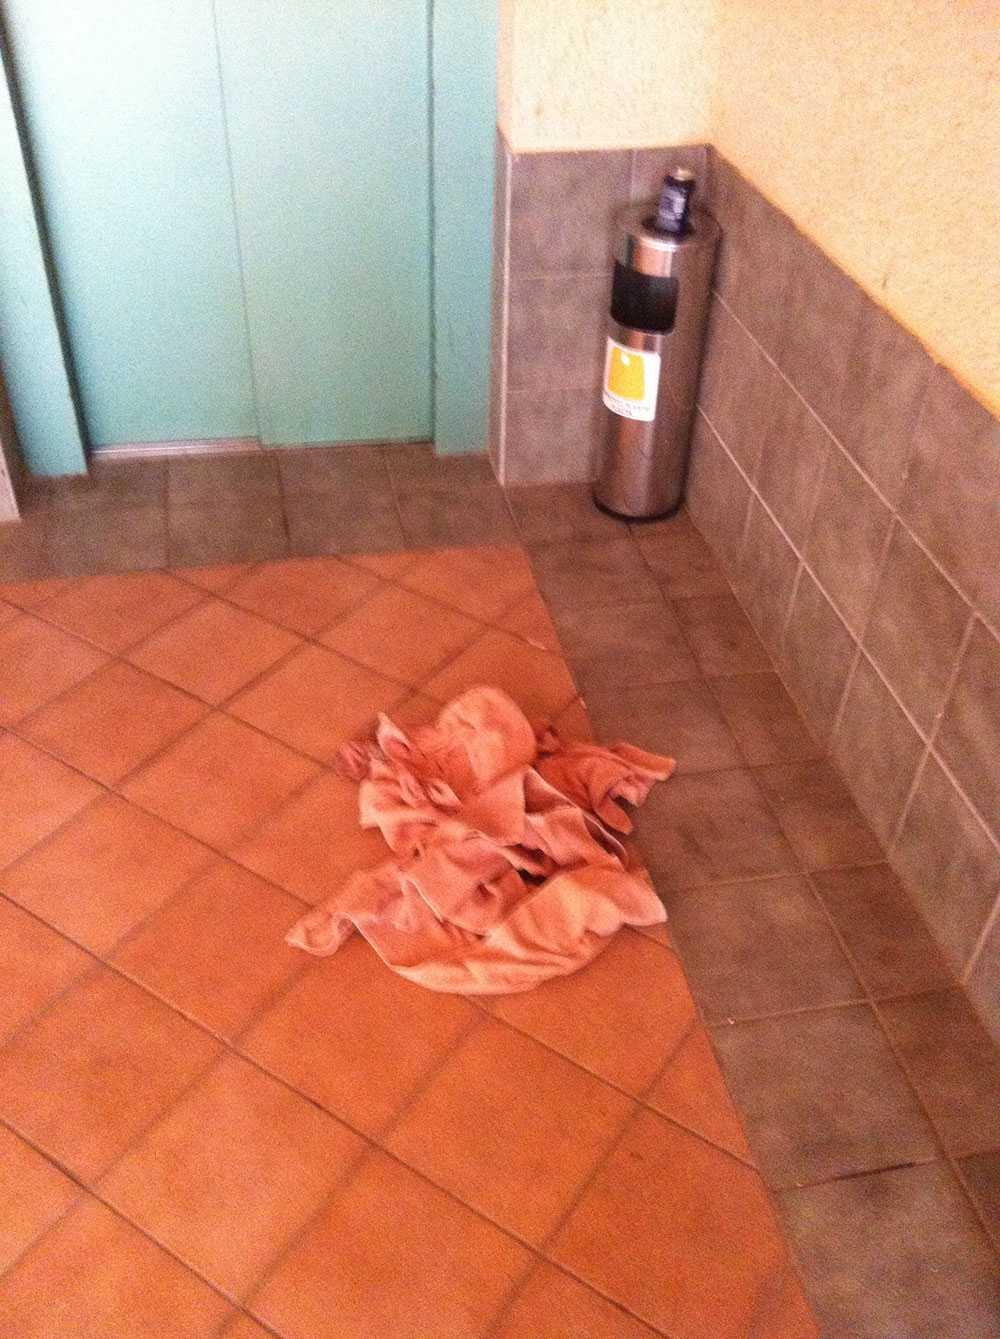 Boende har tyckt att det luktat magsjuka i hotellets korridorer.